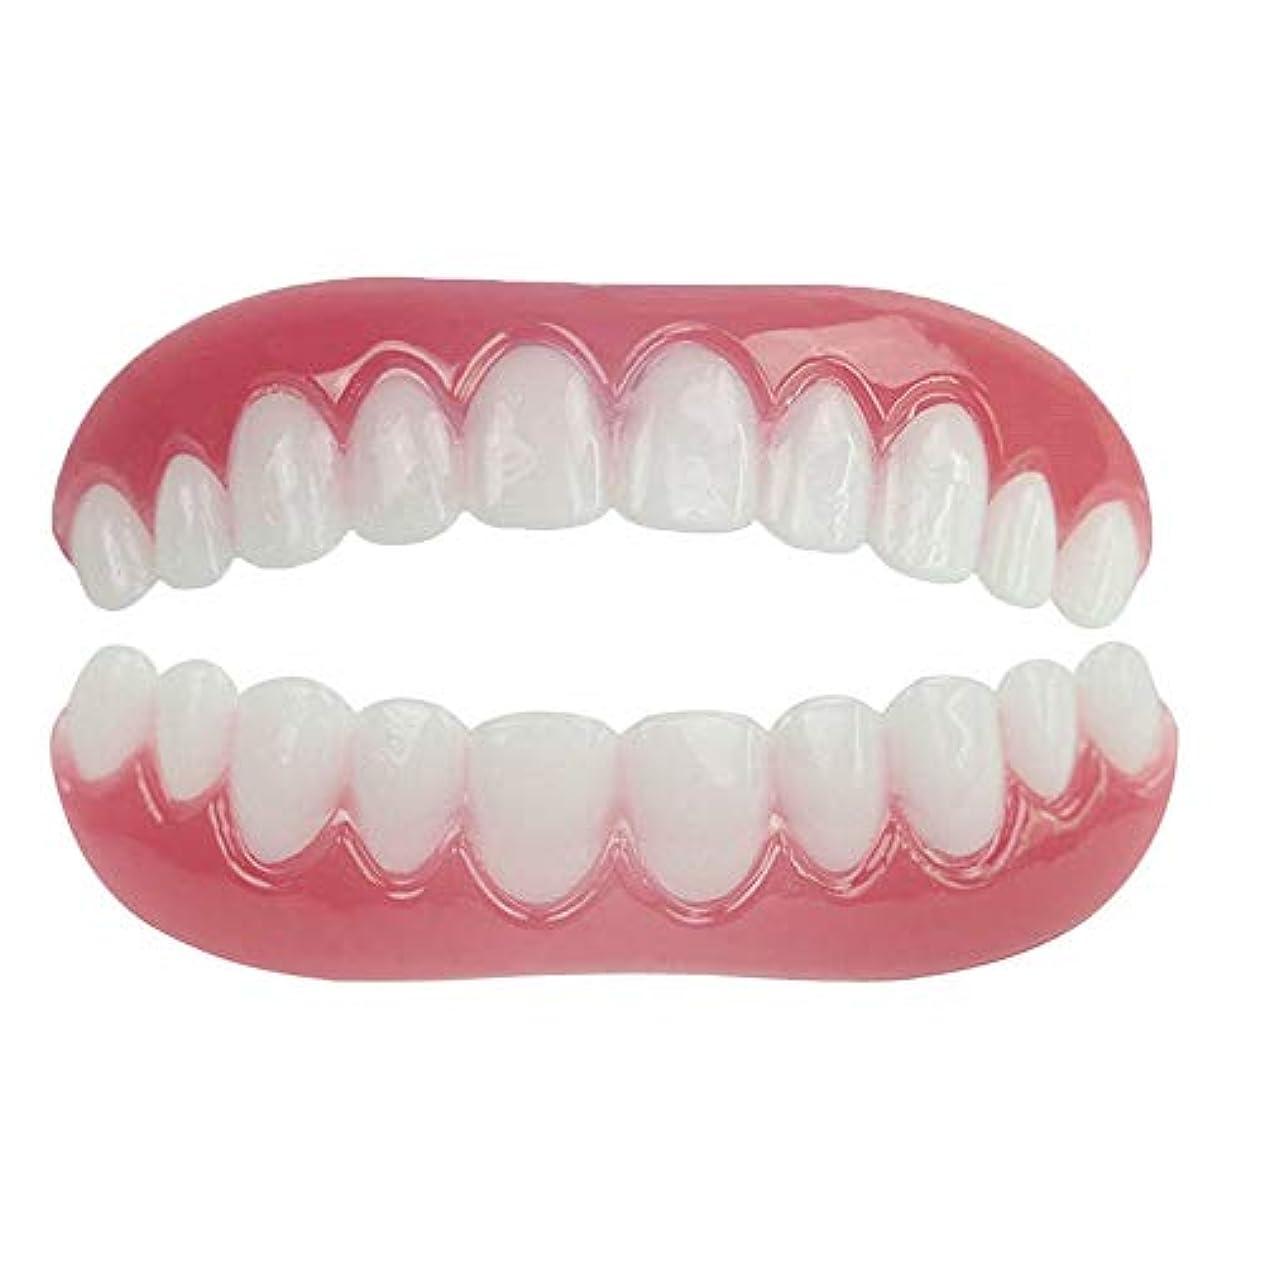 プランター小屋不透明なシリコンシミュレーションの上部および下部義歯スリーブ、歯科用ベニヤホワイトニングティーセット(1セット),Boxed,UpperLower